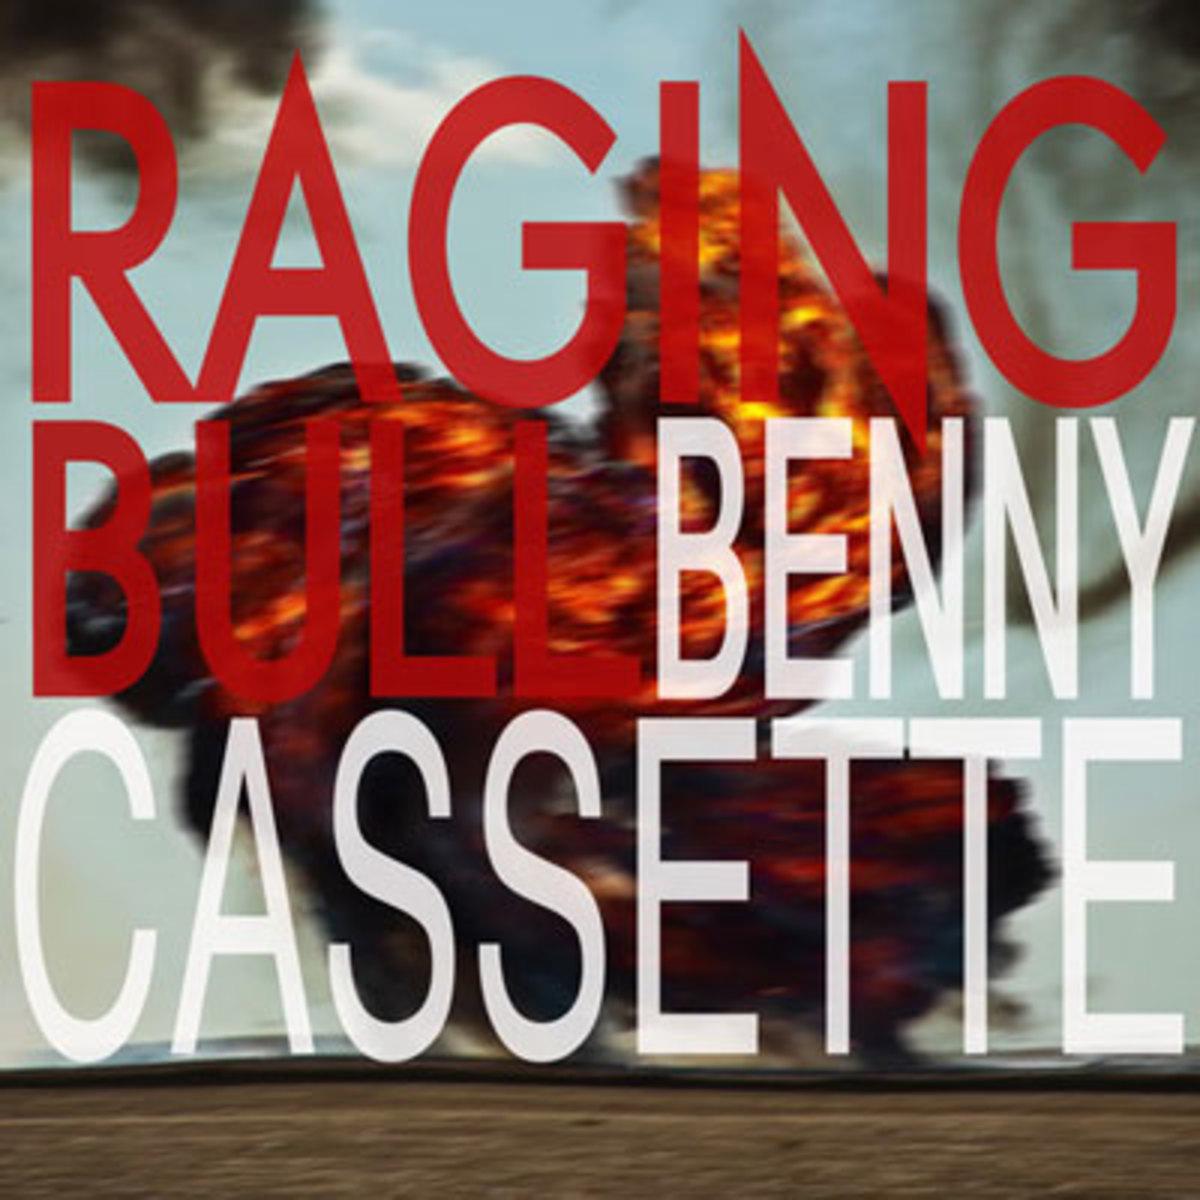 bennycassette-ragingbull.jpg